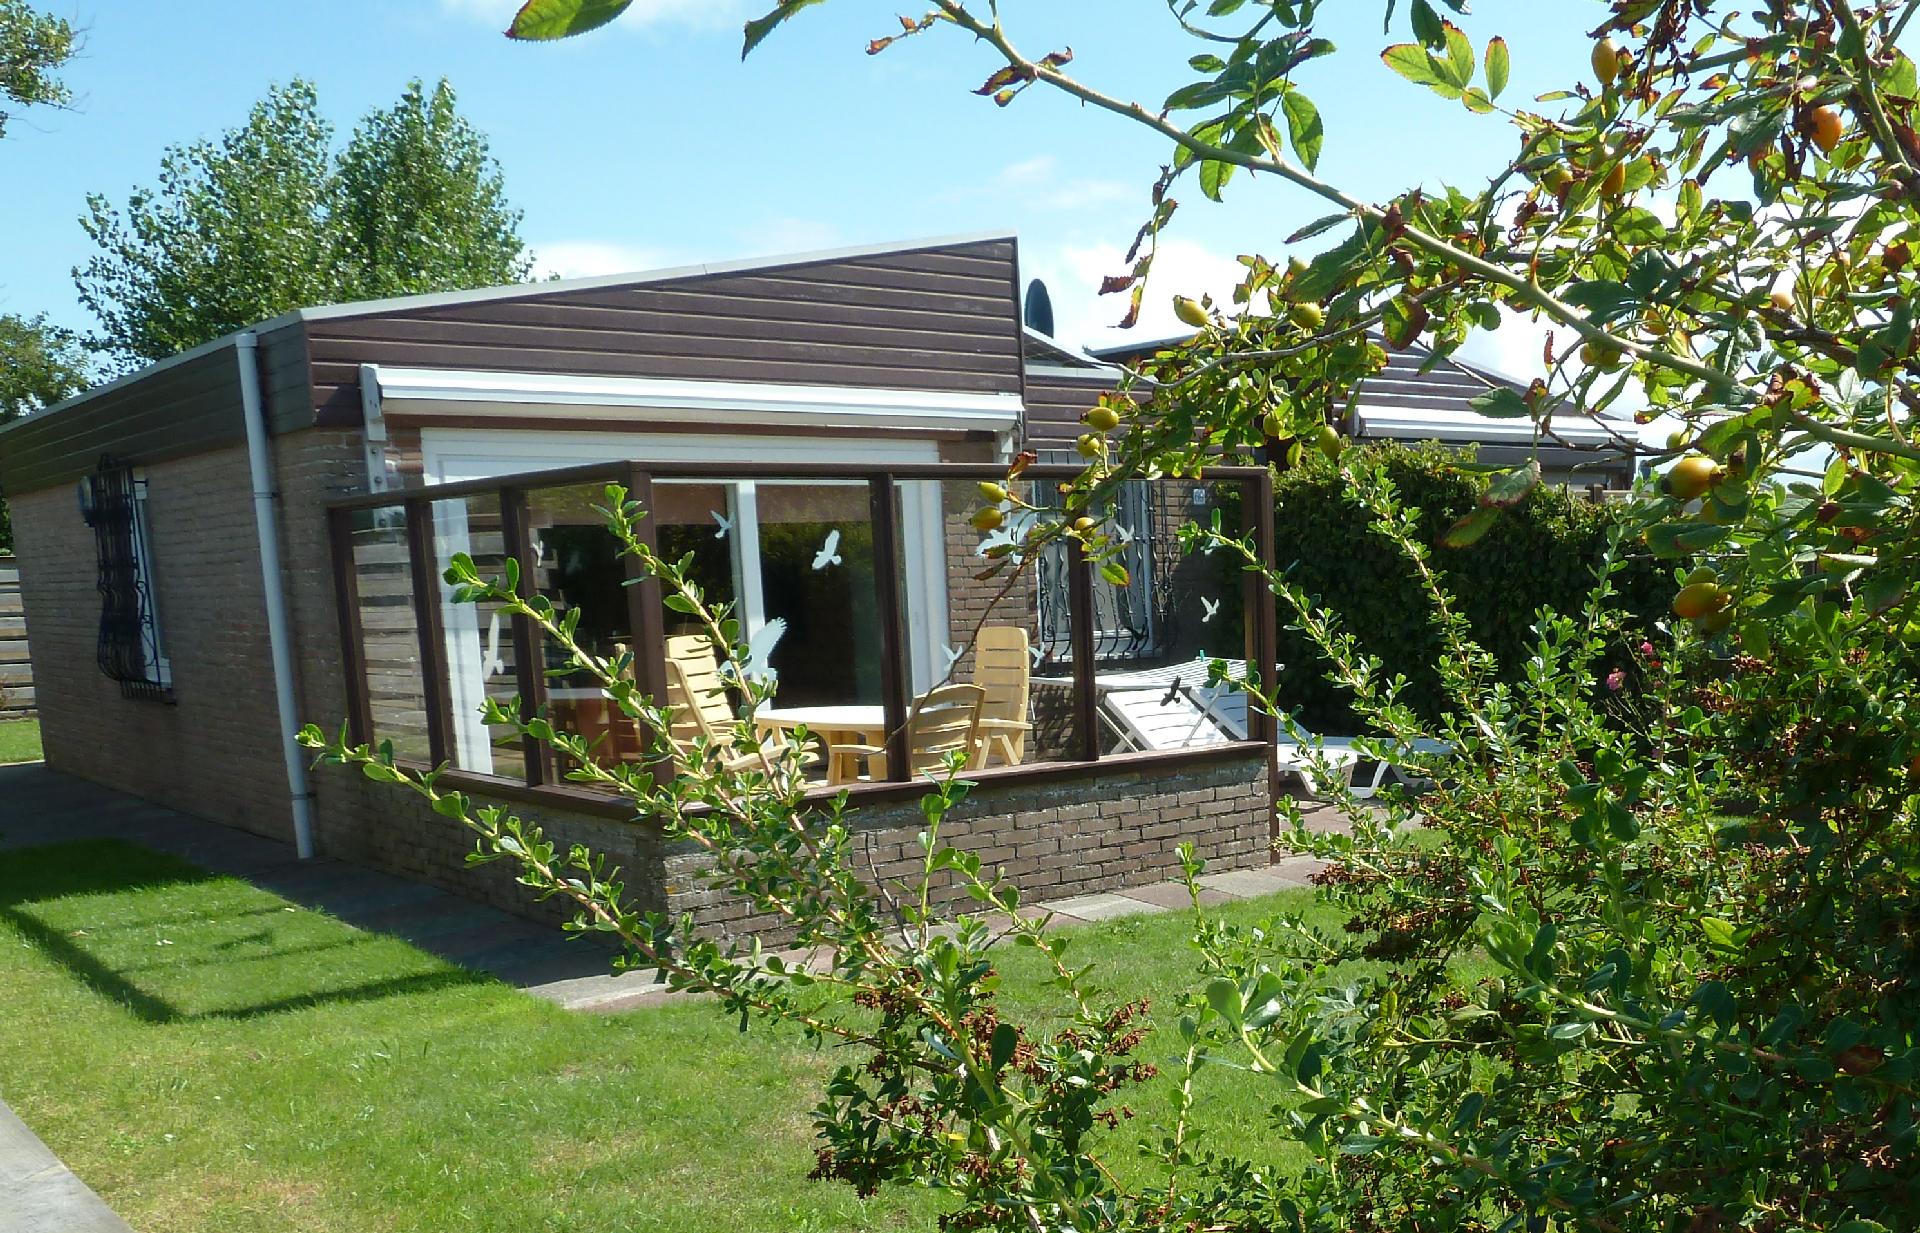 Ferienhaus für 3 Personen 2 Kinder ca 60 m² in Callantsoog Nordholland Küste von Nordholland